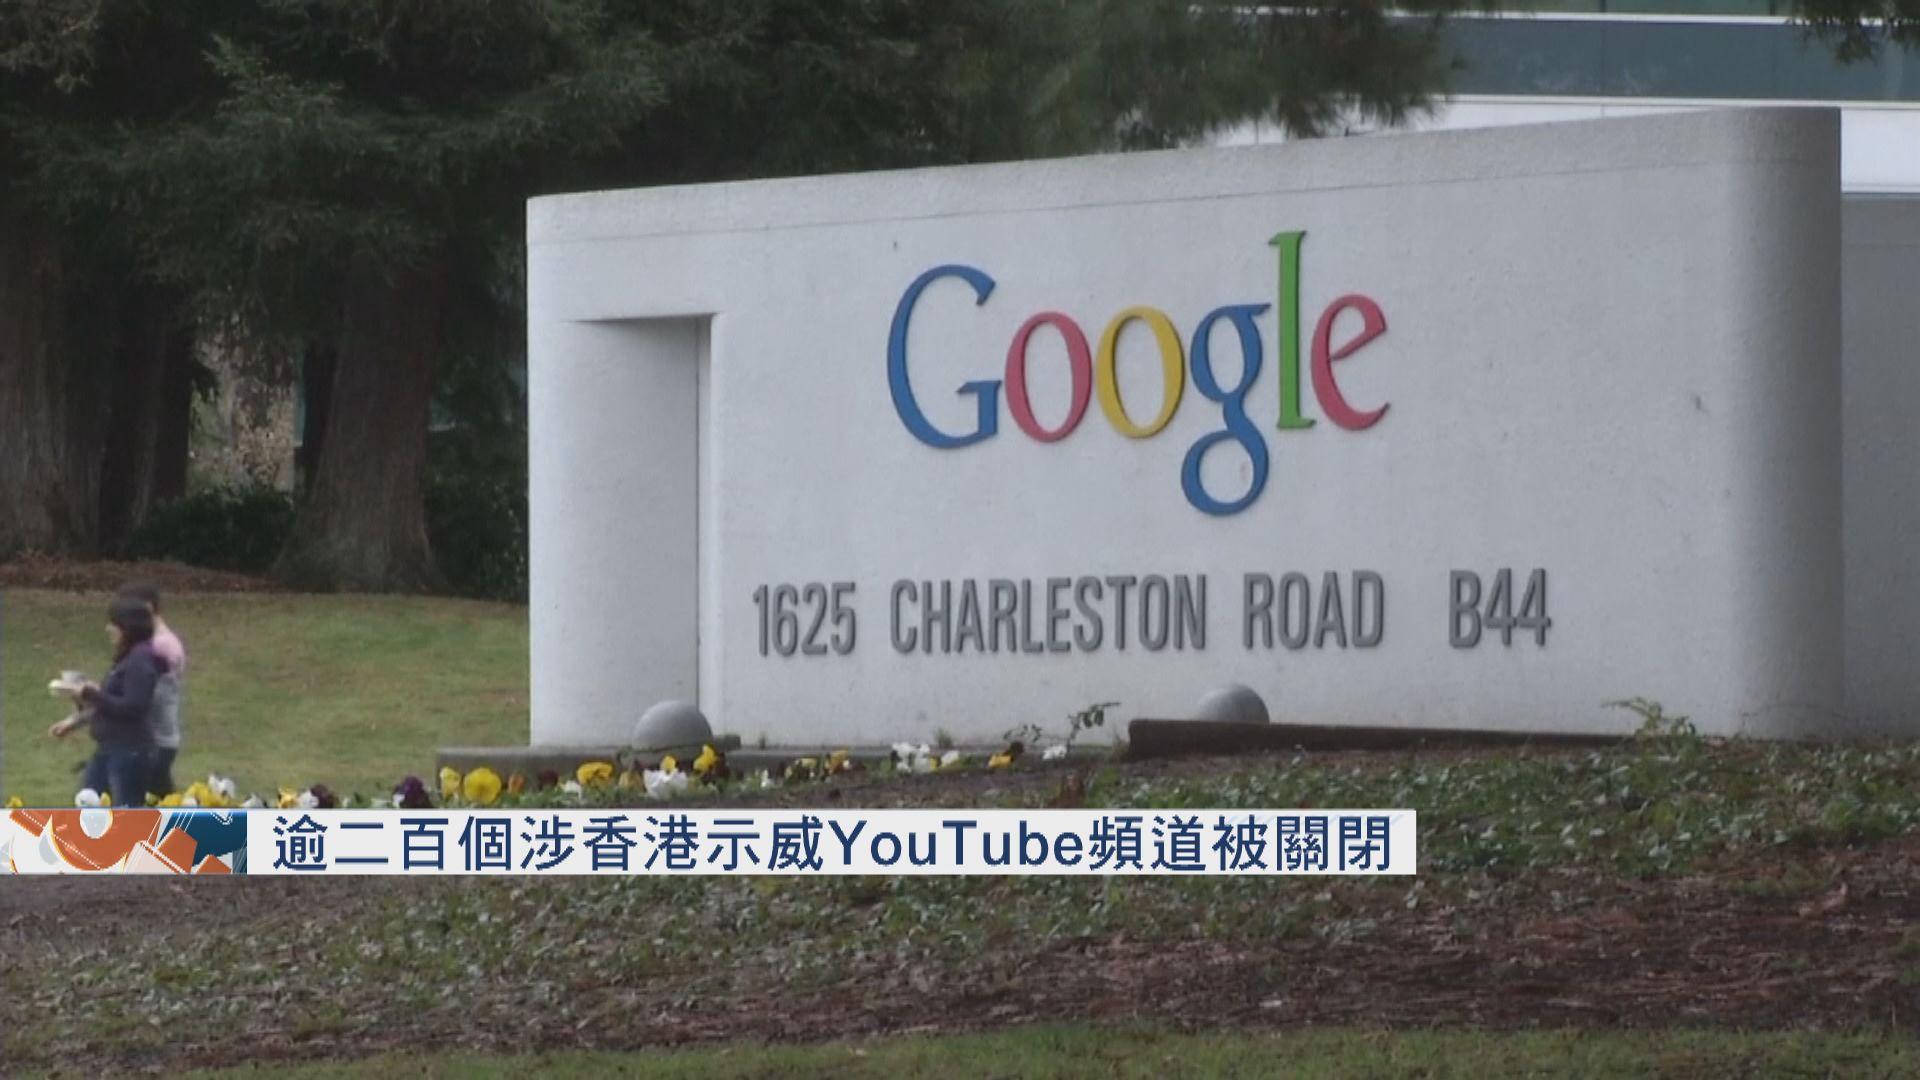 逾二百個涉港示威YouTube頻道被關閉